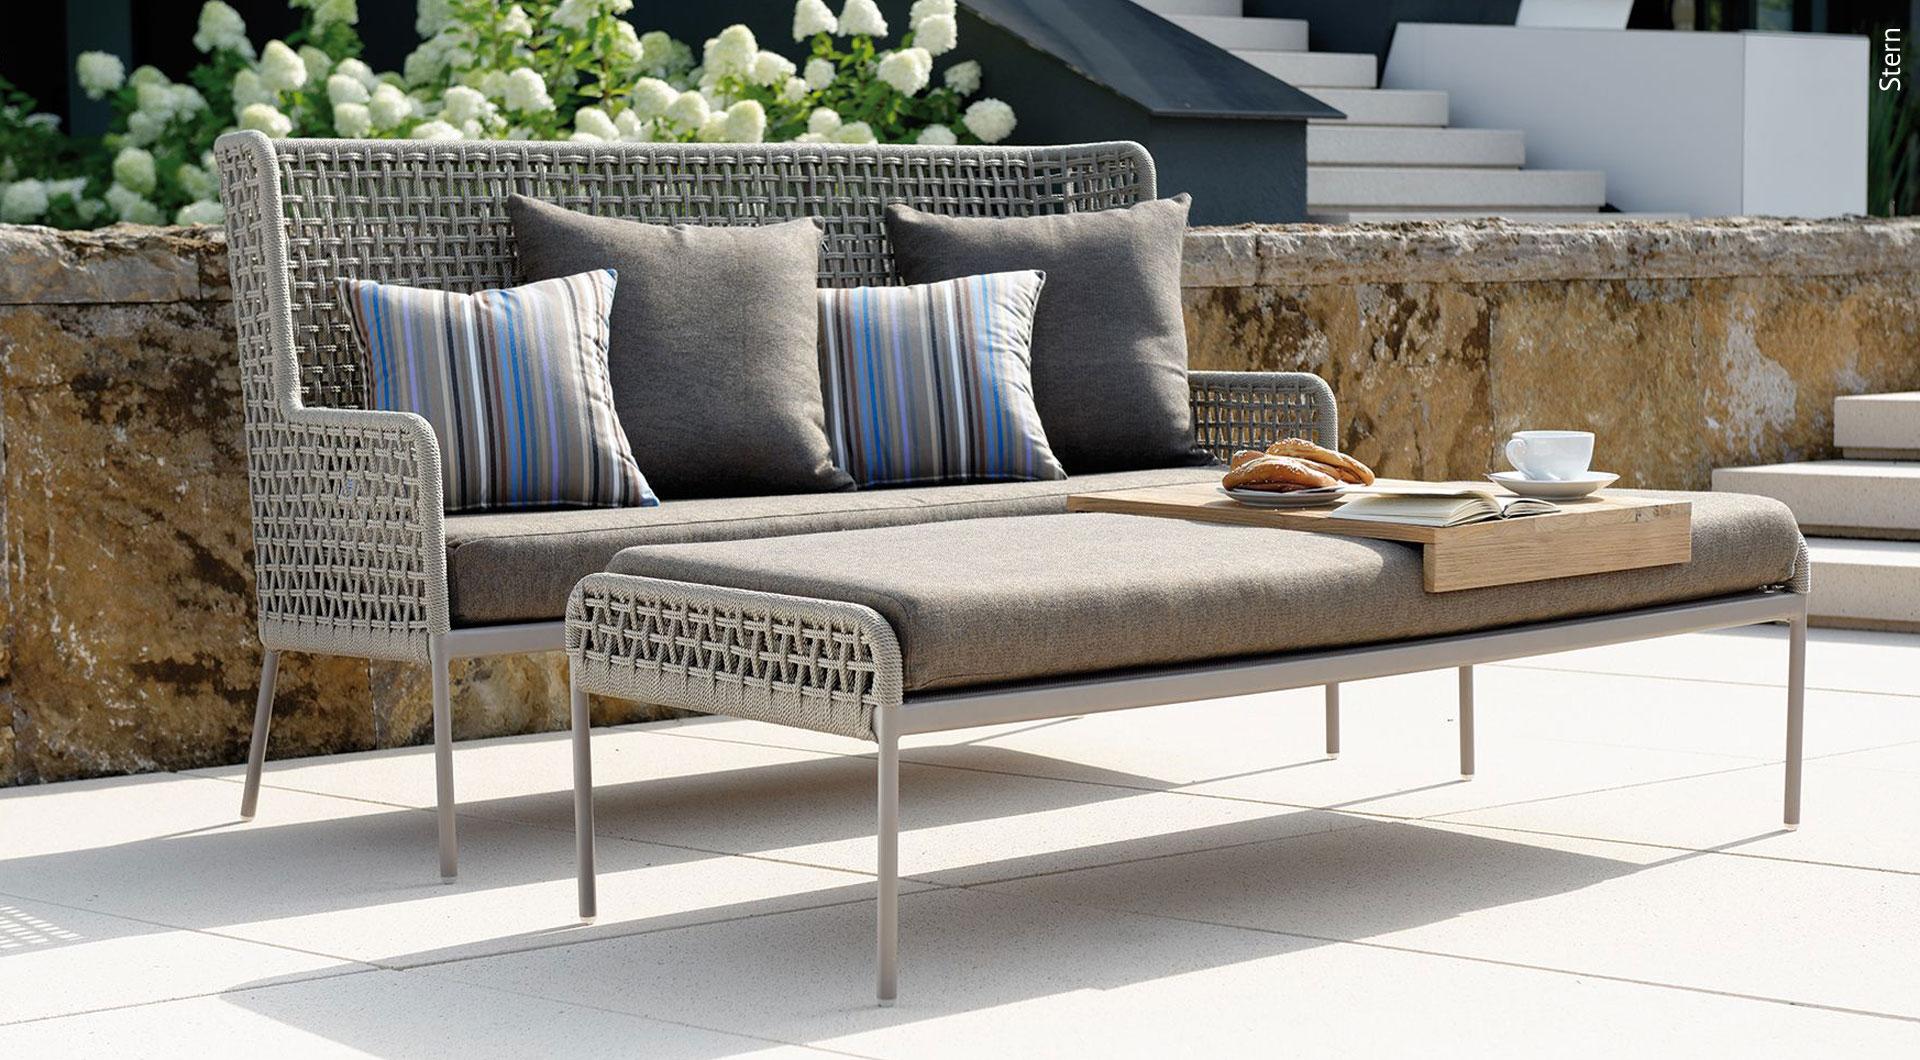 Outdoor Küche Holz Edelstahl : Meilleur de edelstahl outdoor küche interior design ideas